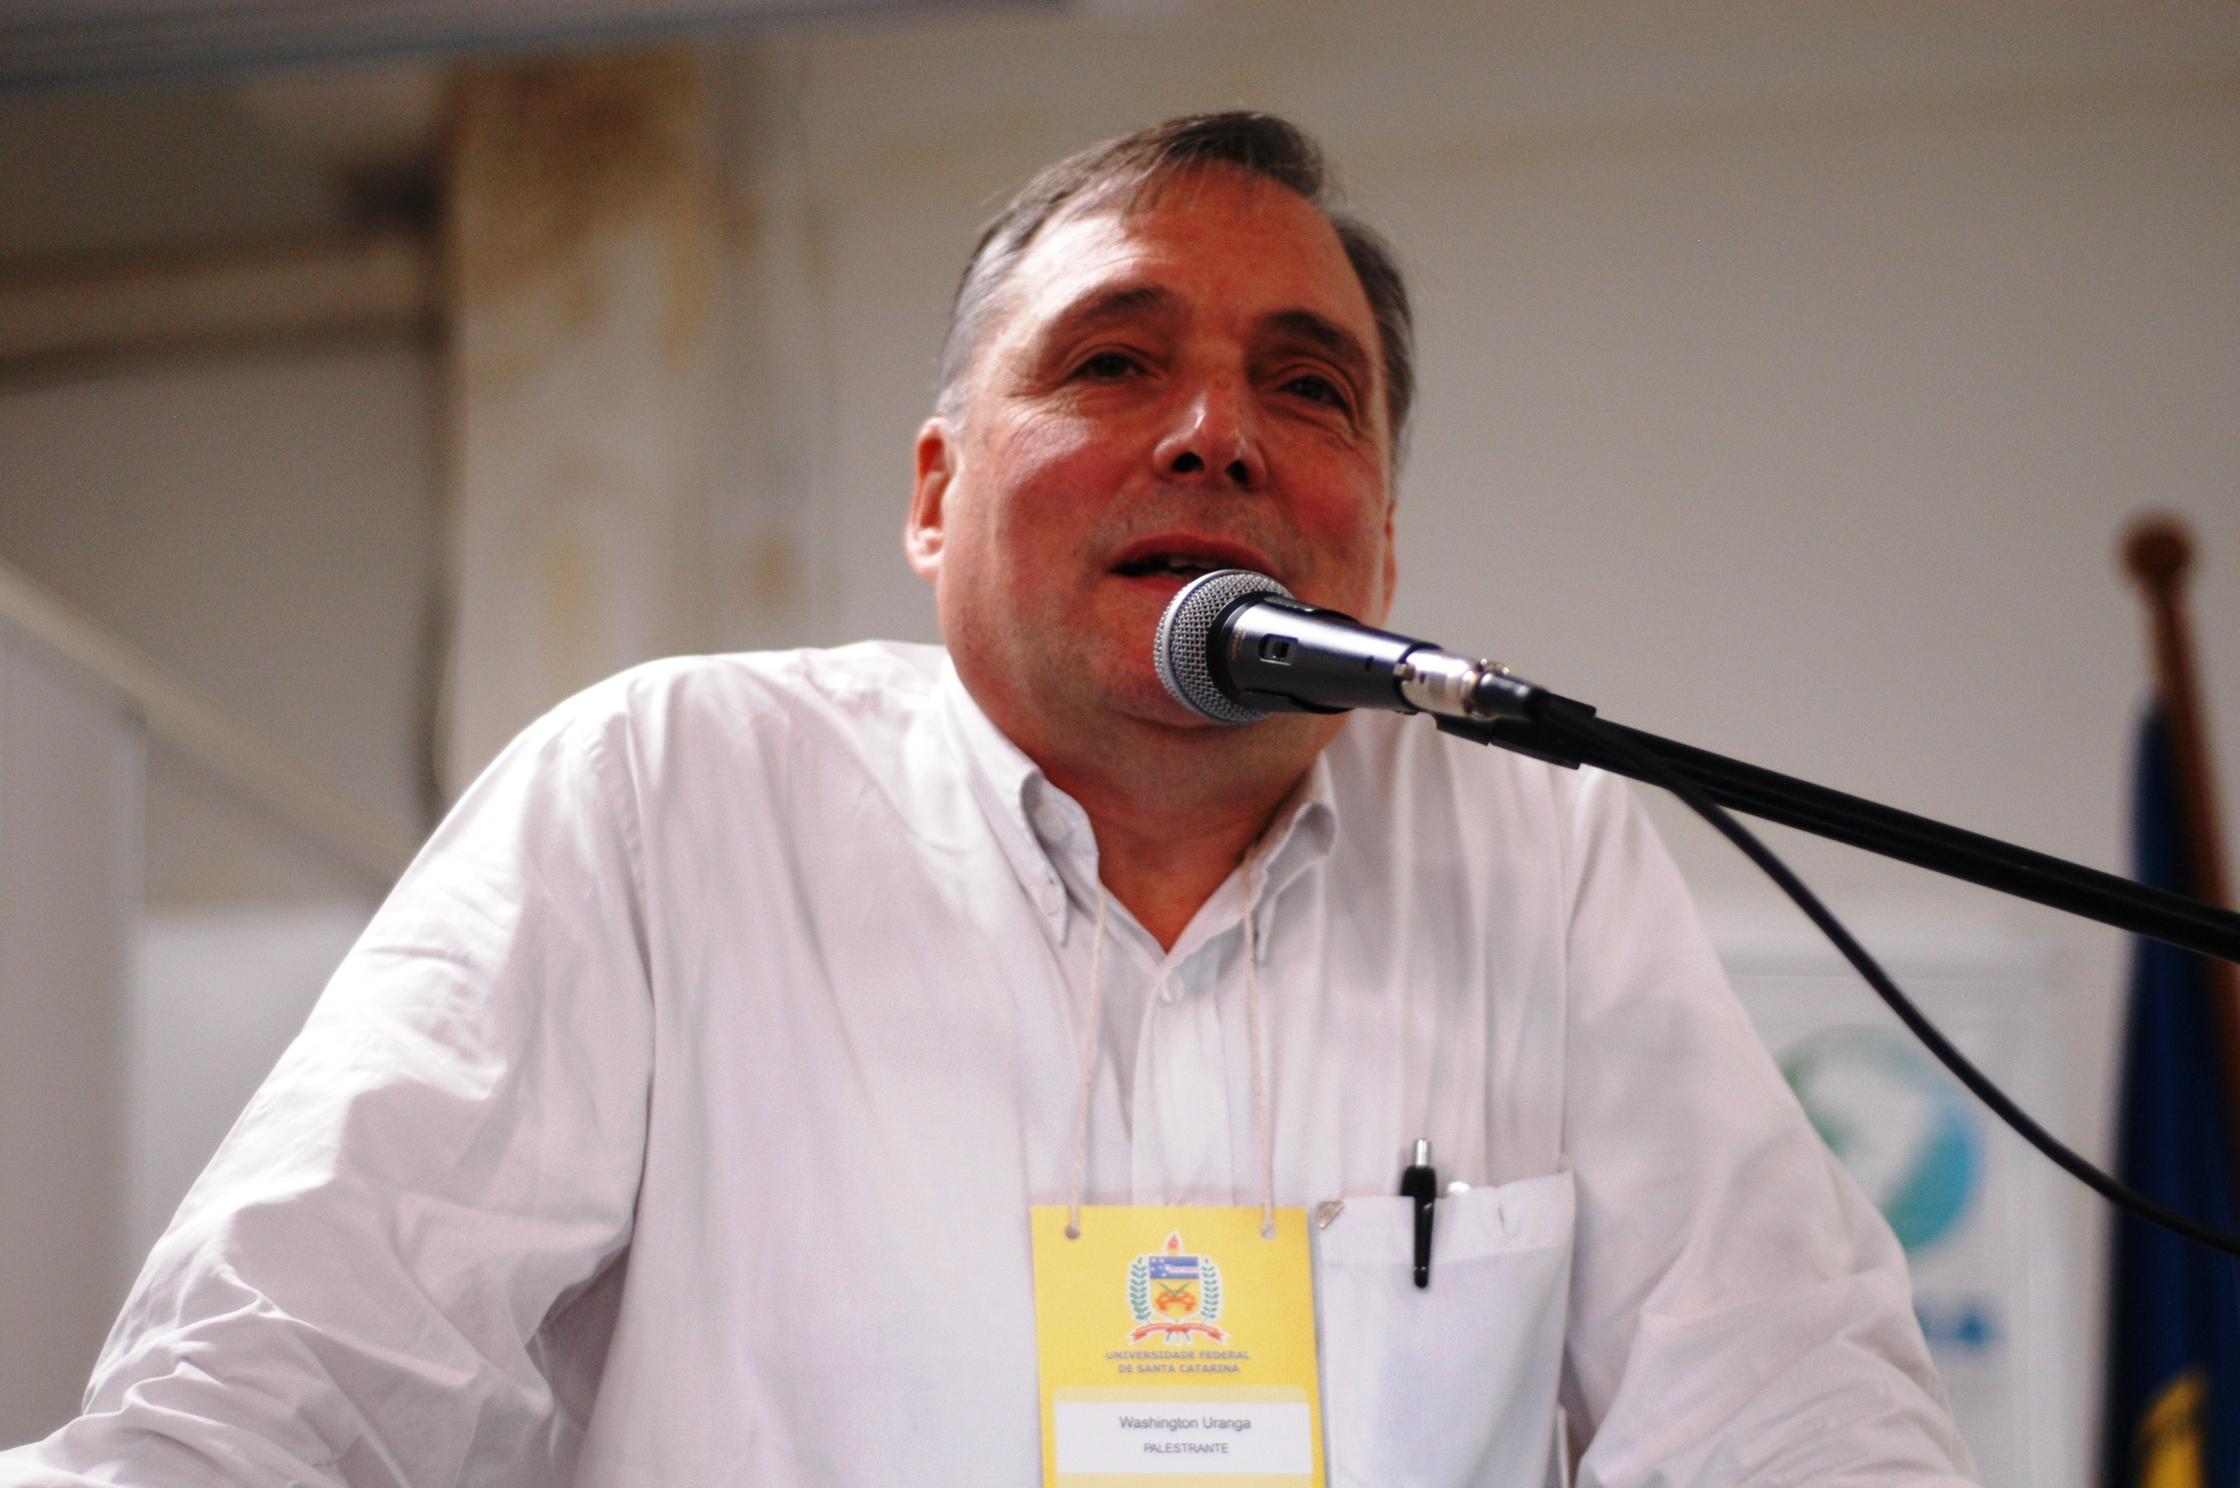 """Washington Uranga: """"Francisco cuestiona al neoliberalismo, a la globalización y al populismo xenófobo y violento"""""""